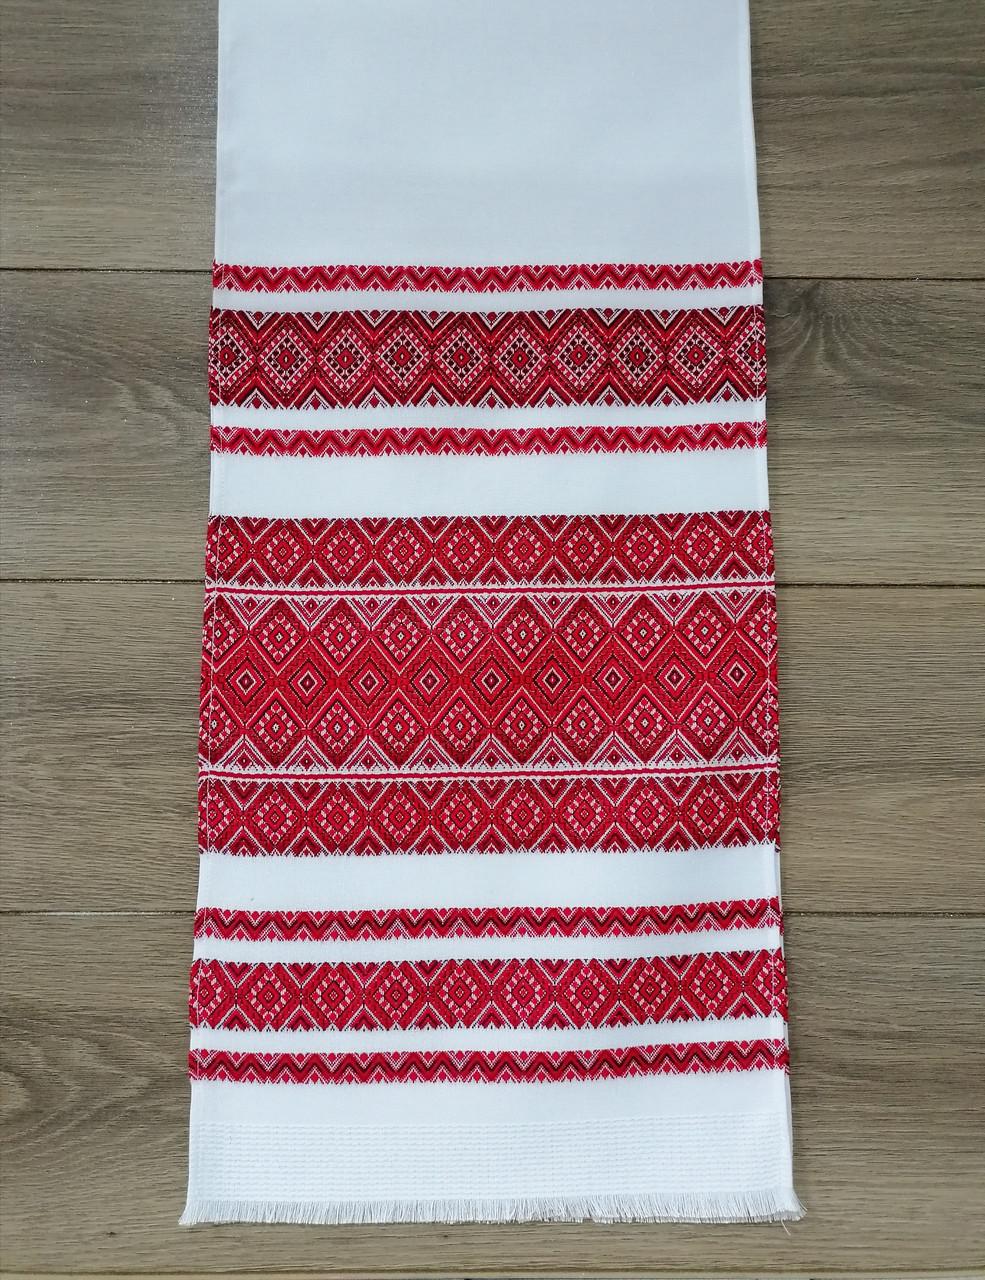 Тканый льняной рушник  Волинські візерунки  красно-бордовый 240 см